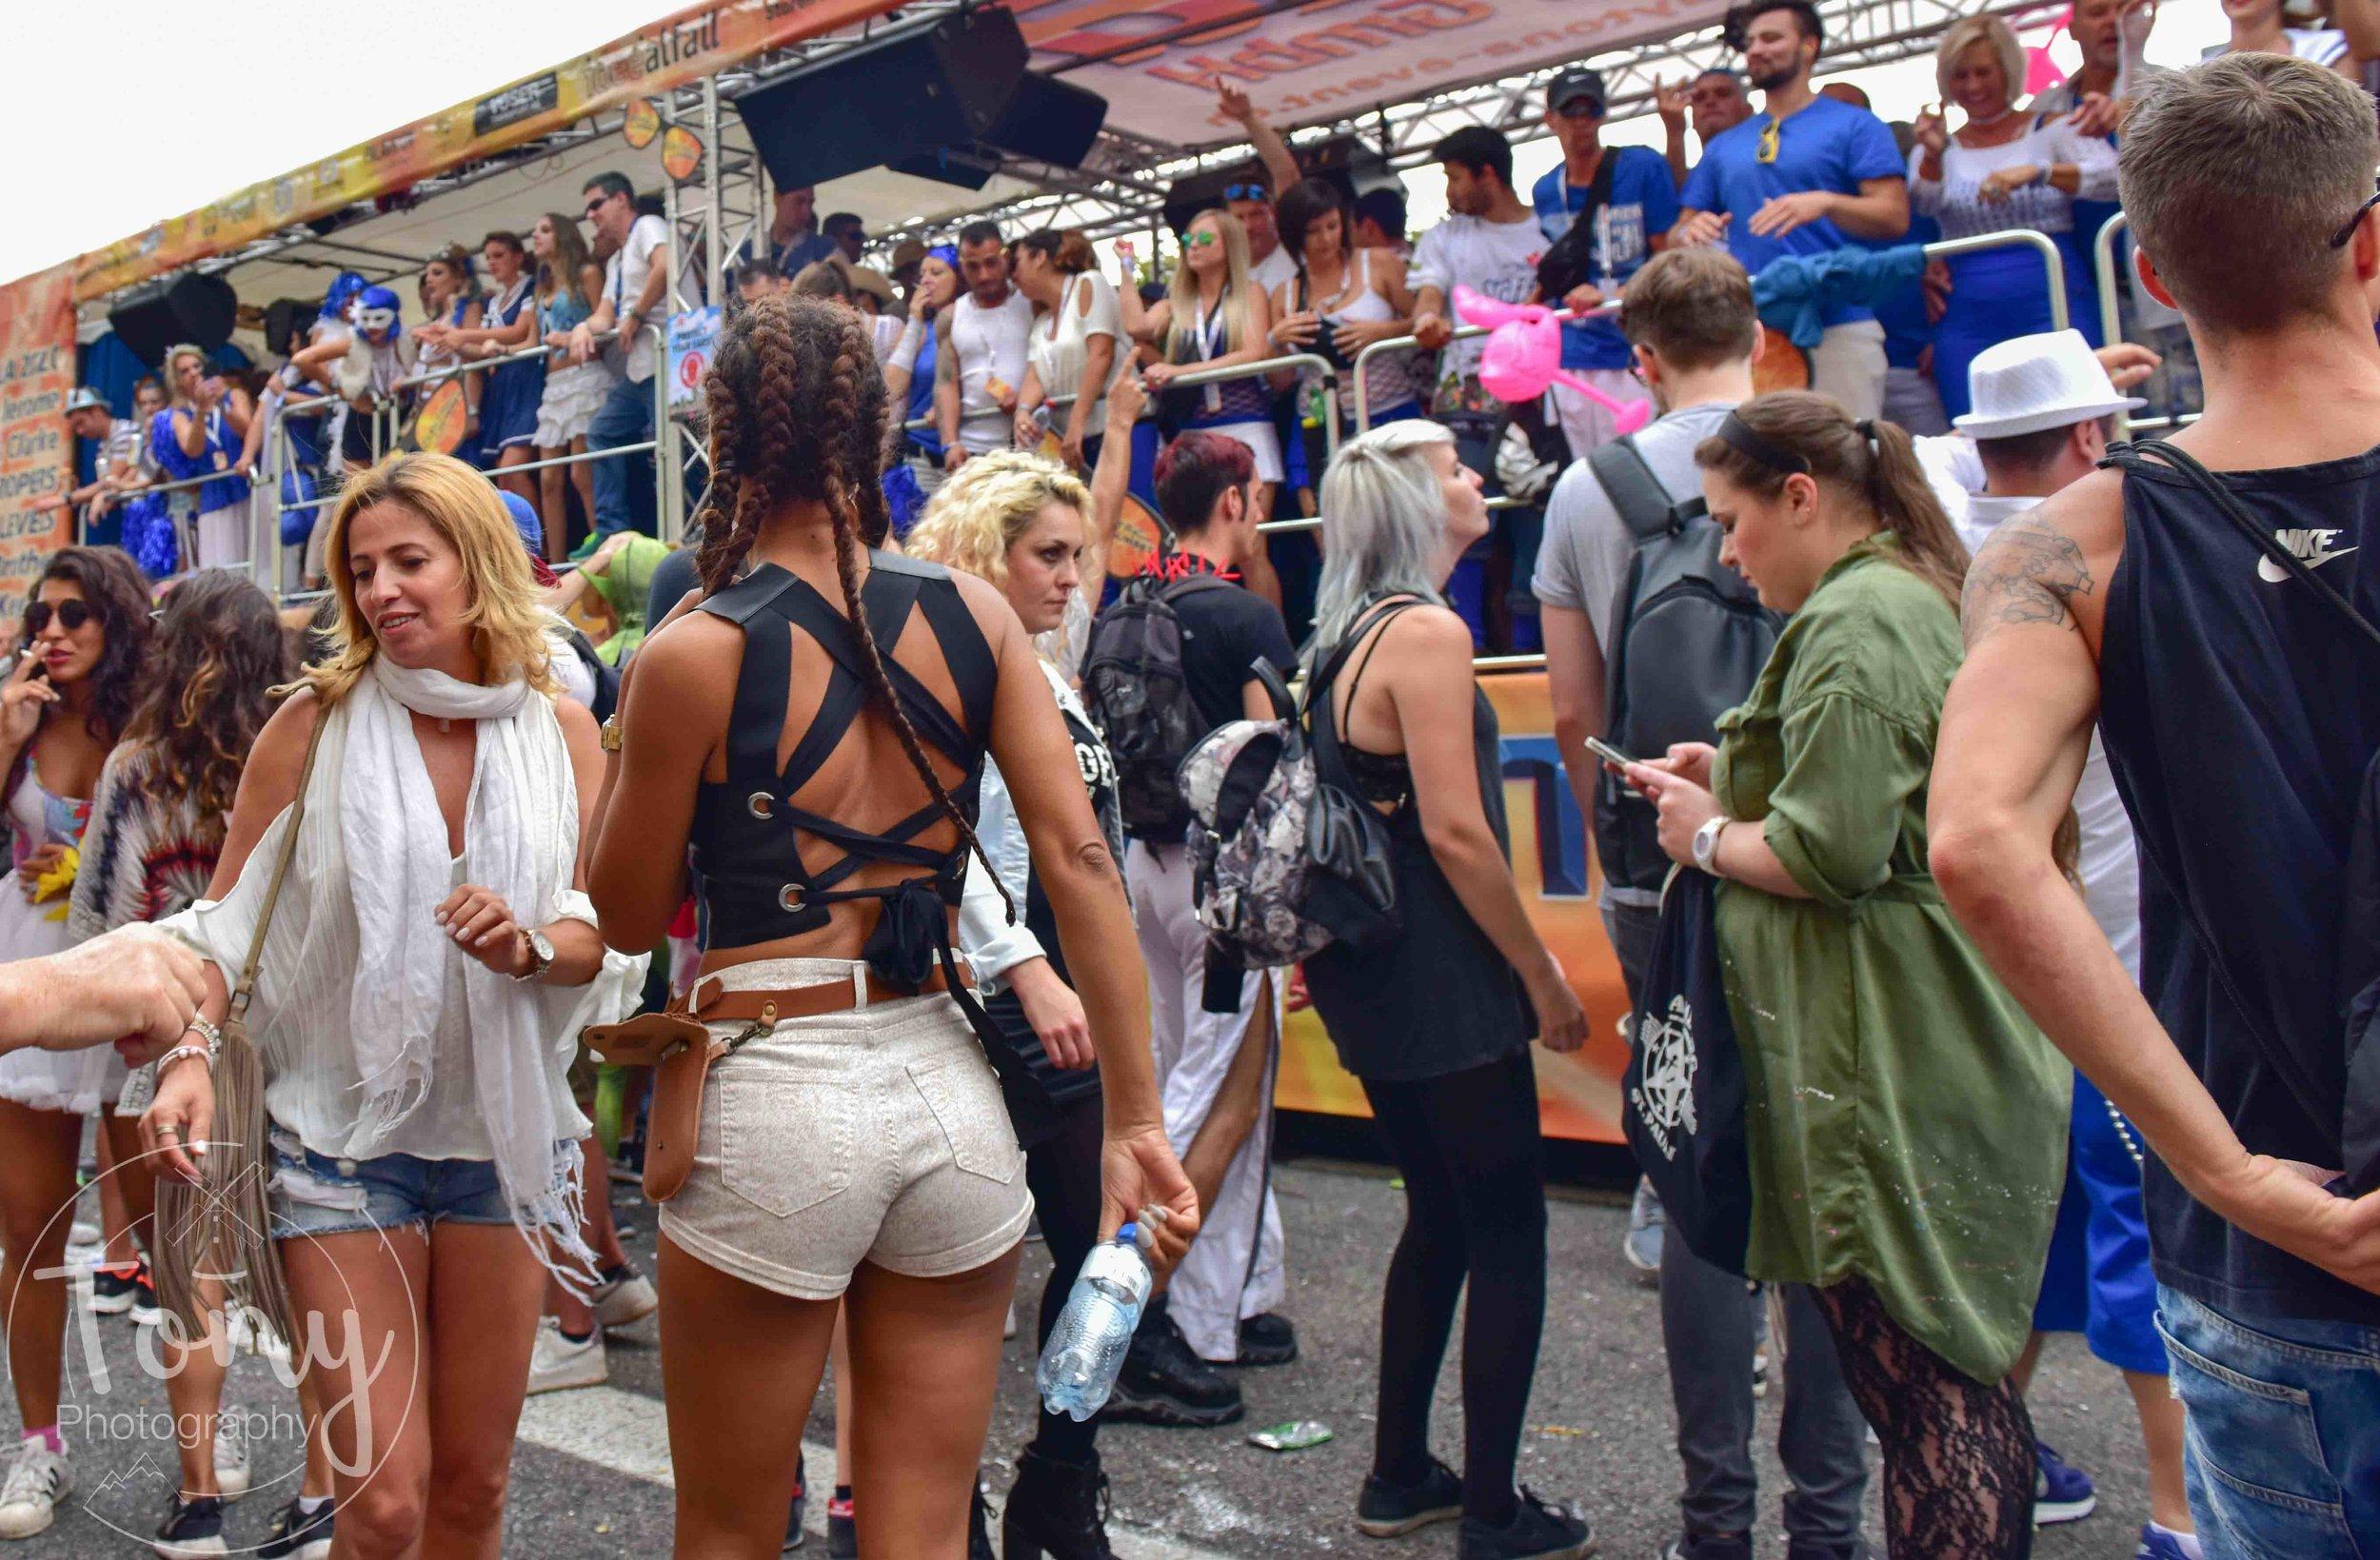 streetparade-221.jpg